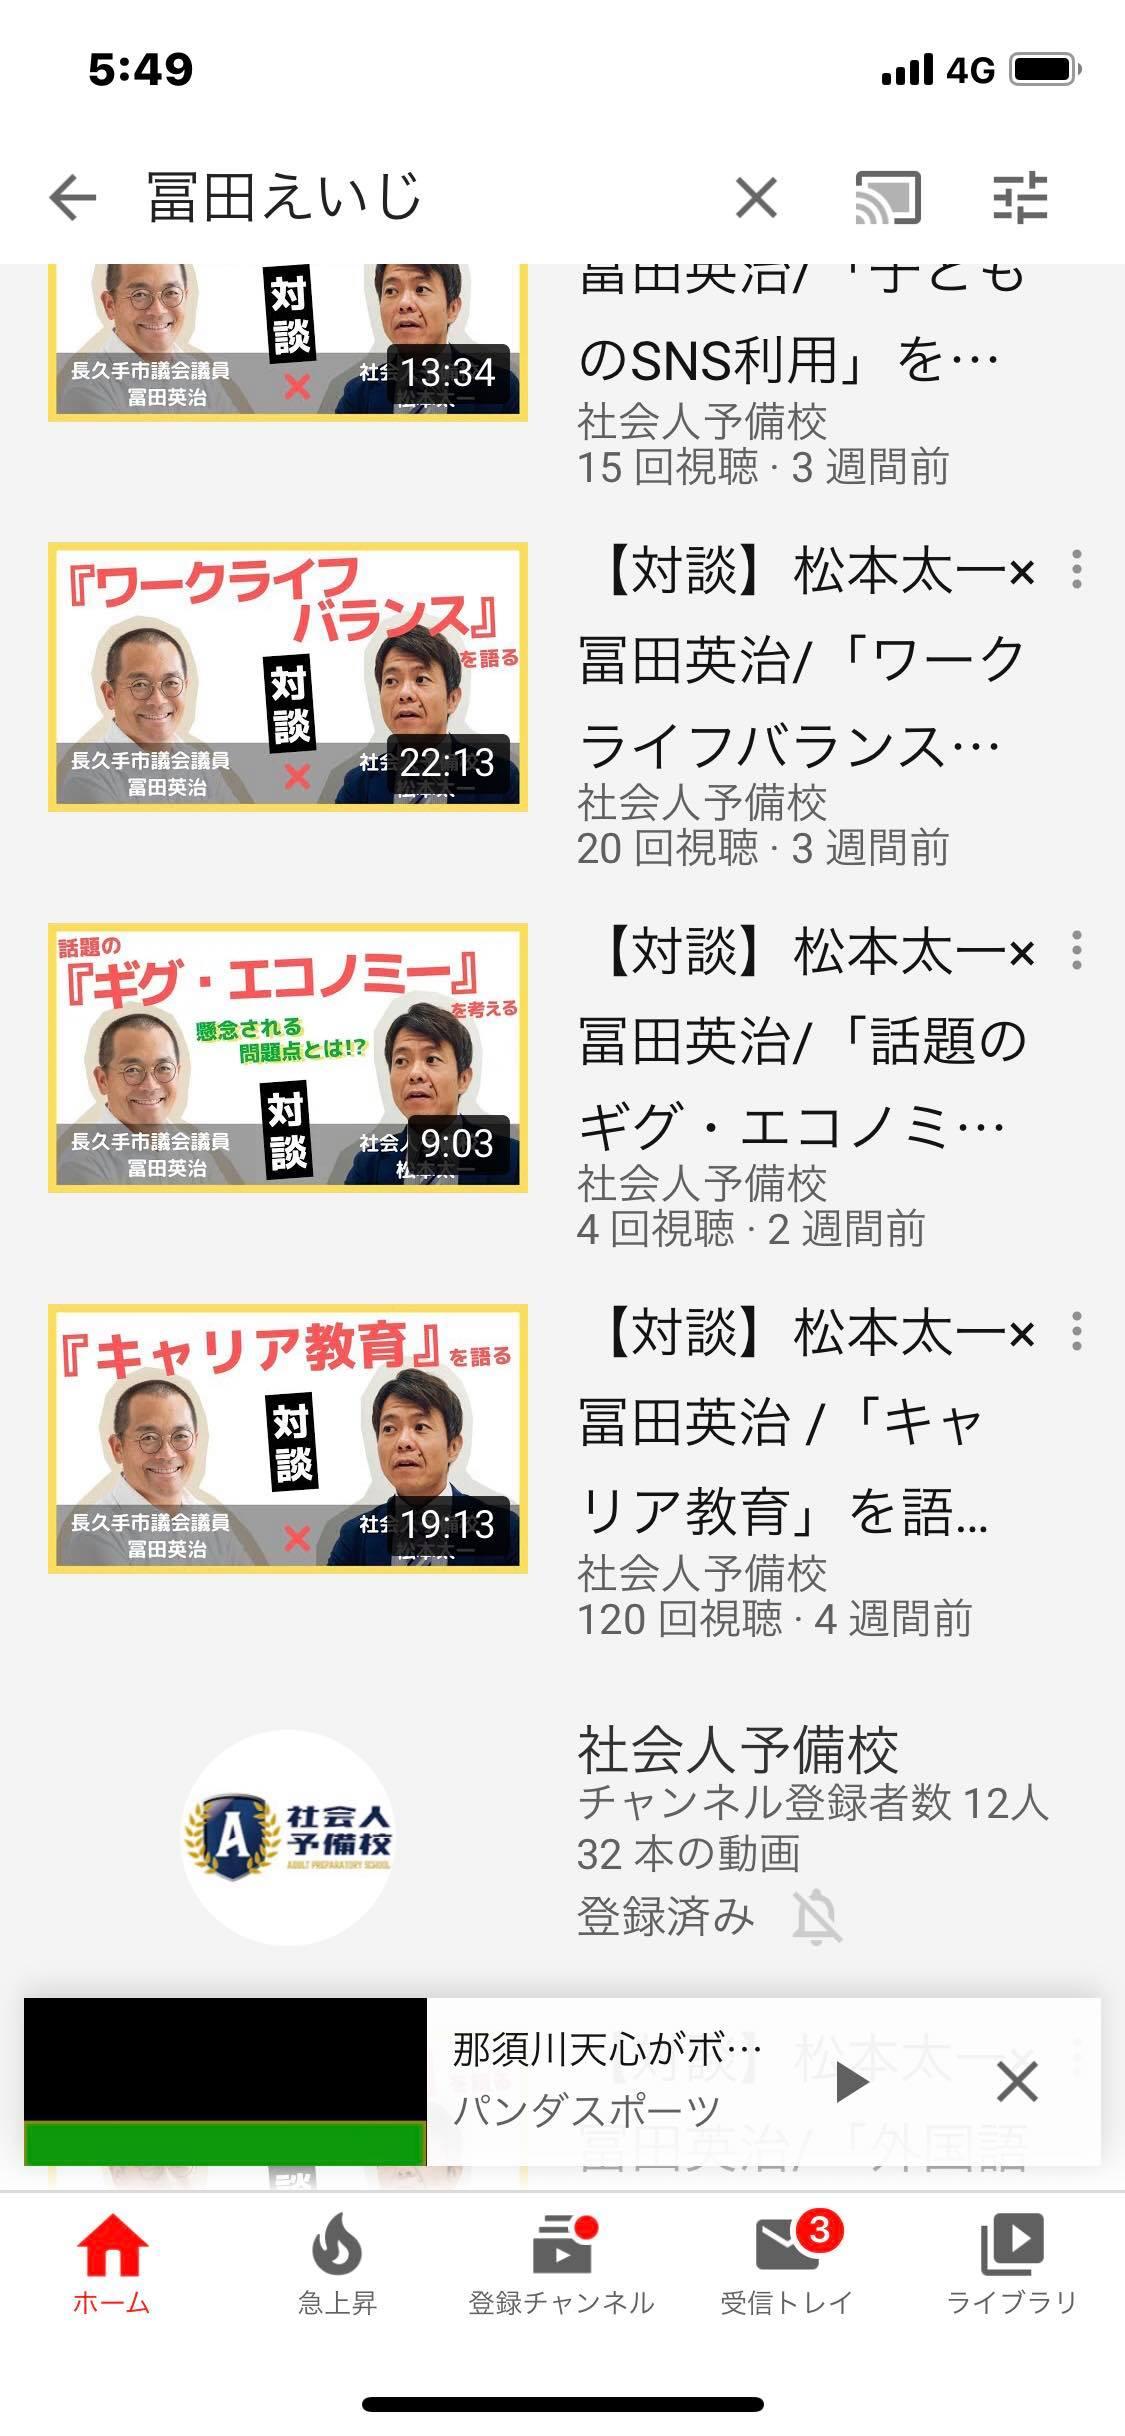 冨田えいじ YouTube